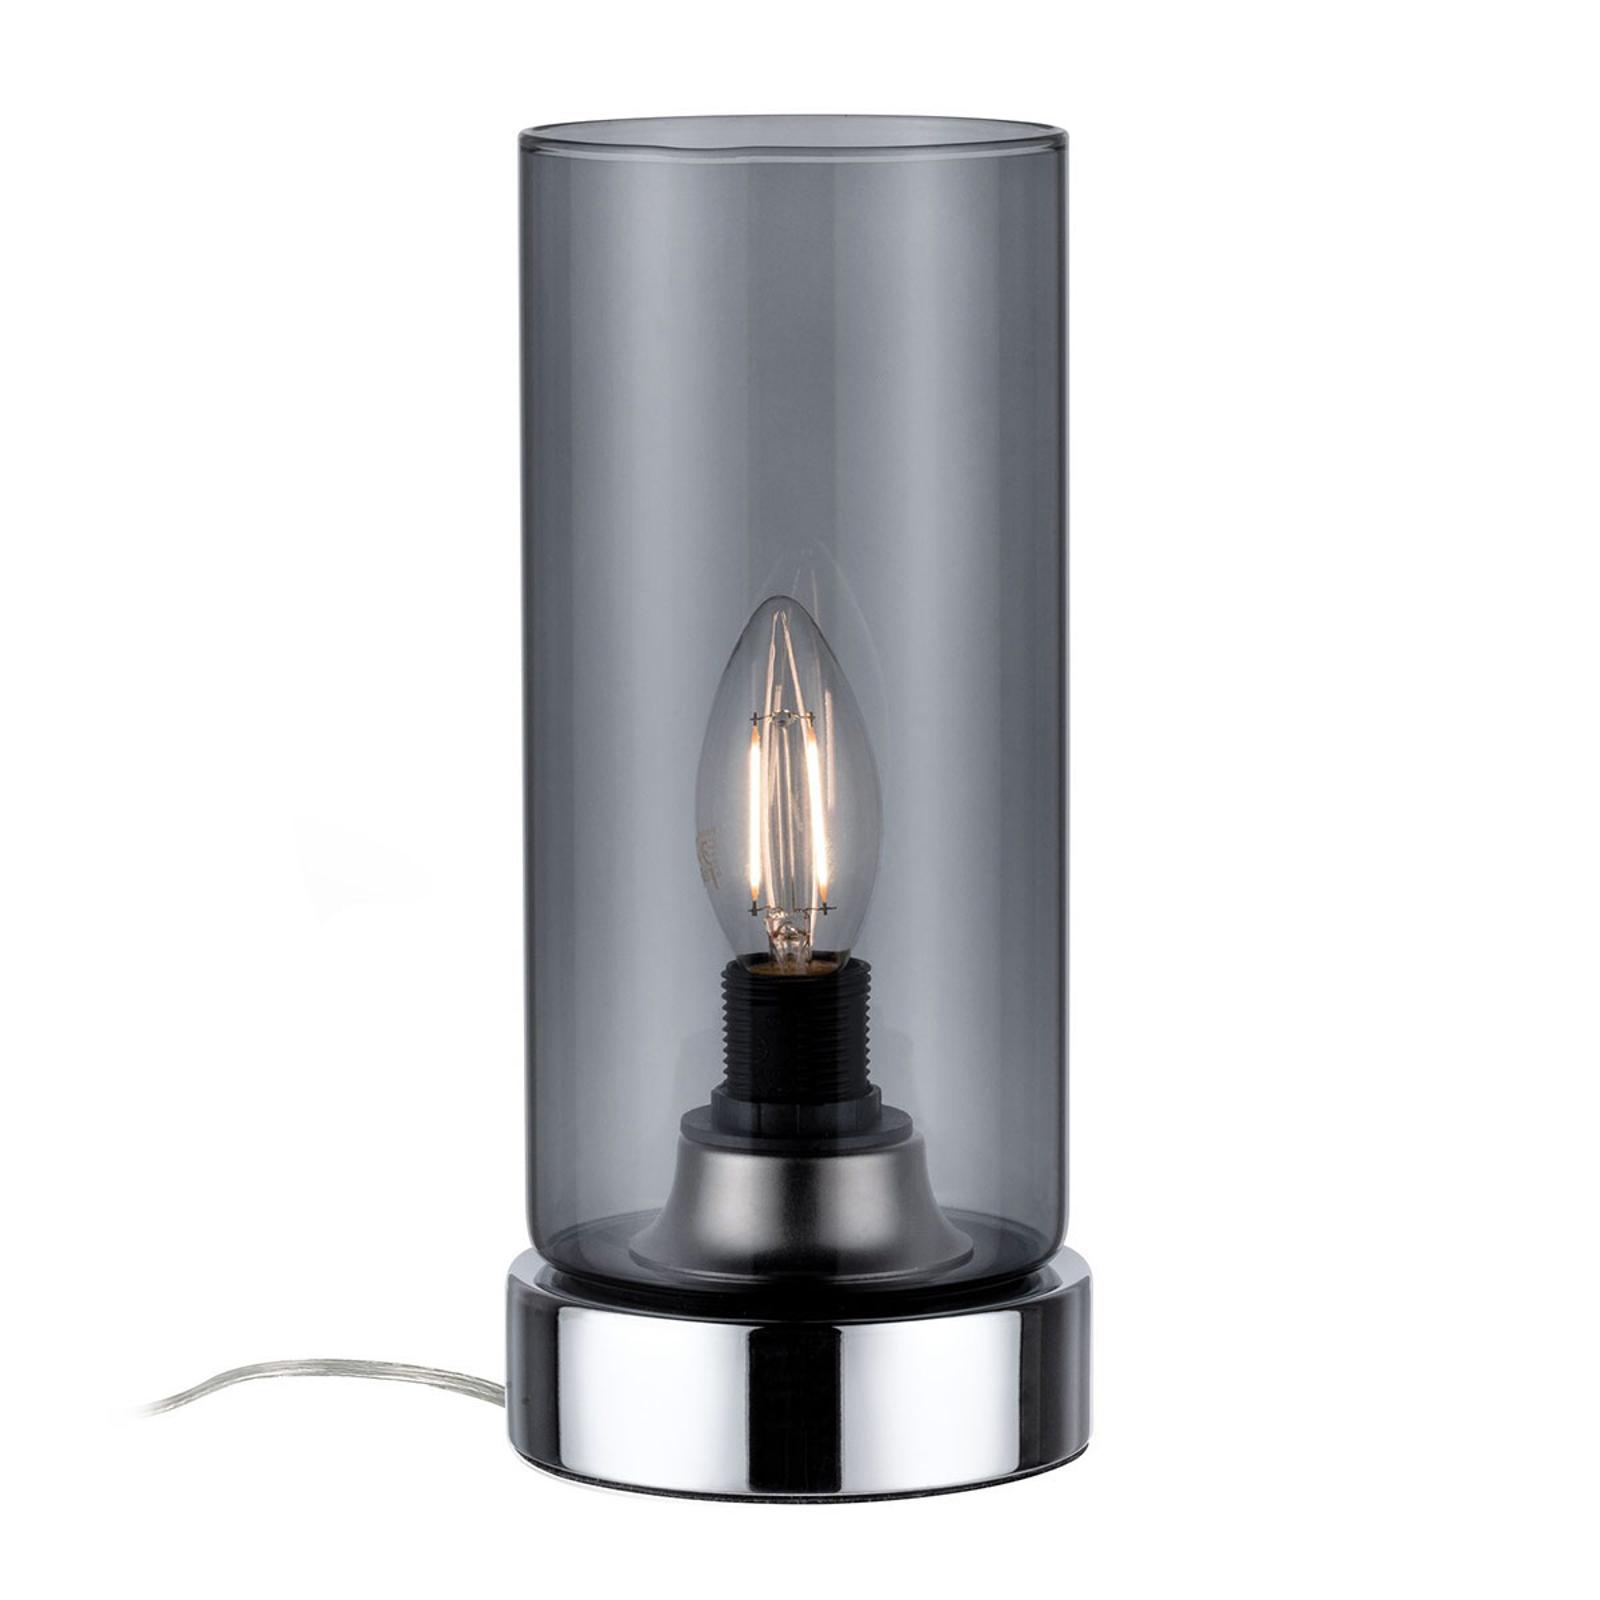 Paulmann tafellamp Pinja chroom/rookgrijs